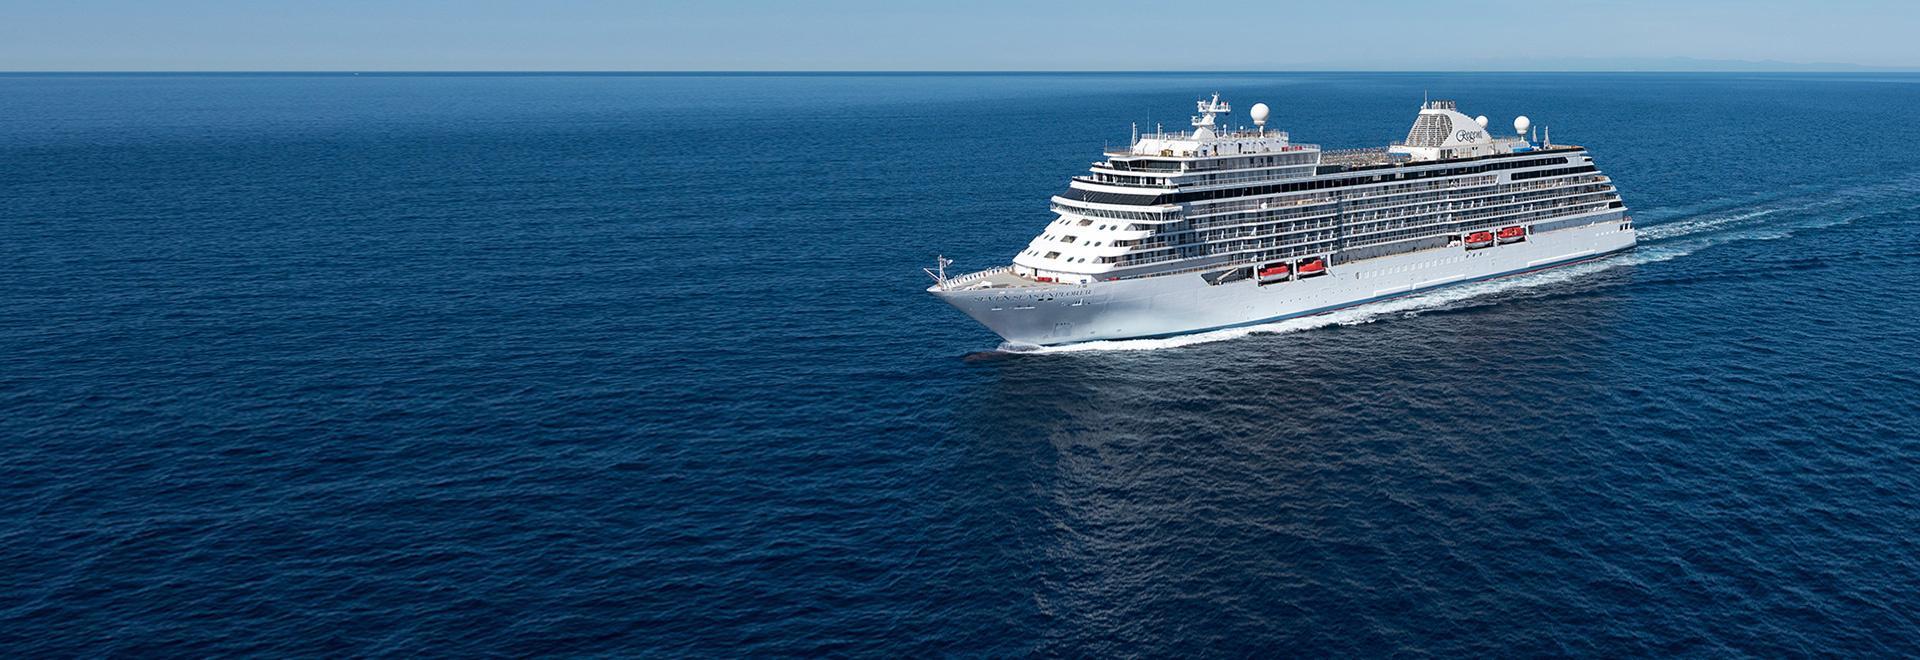 La nave più lussuosa al mondo